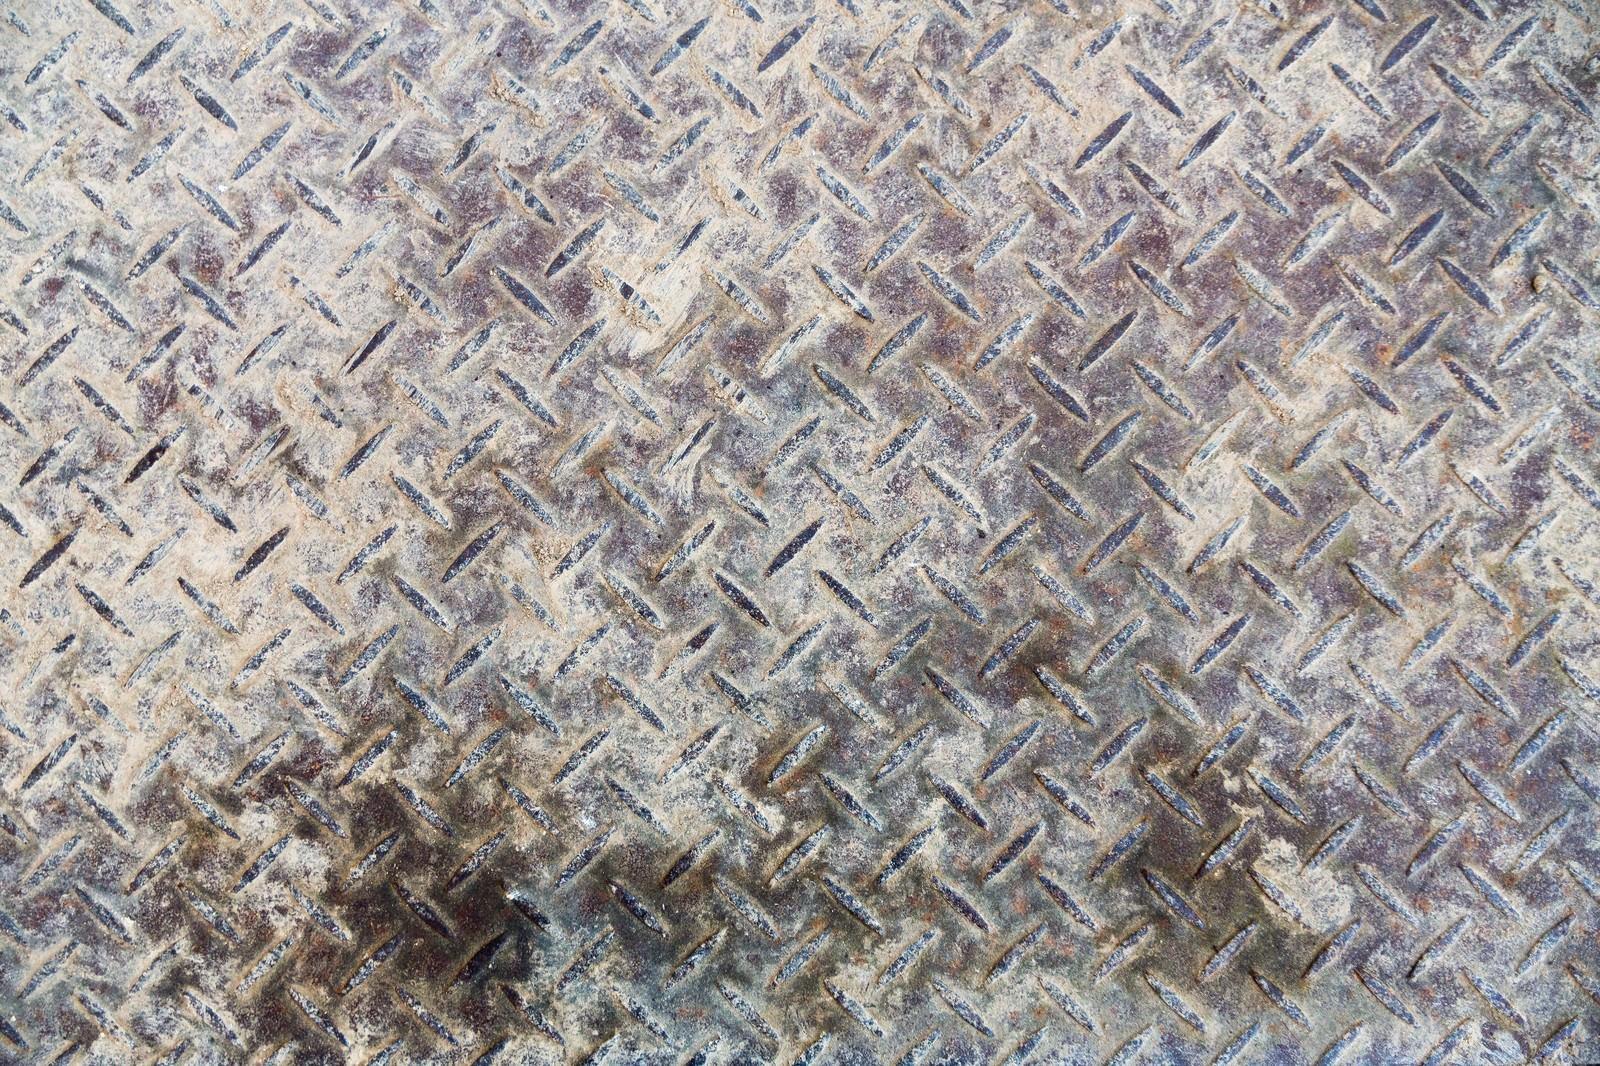 「汚れて錆びた鉄の足場(テクスチャー)」の写真